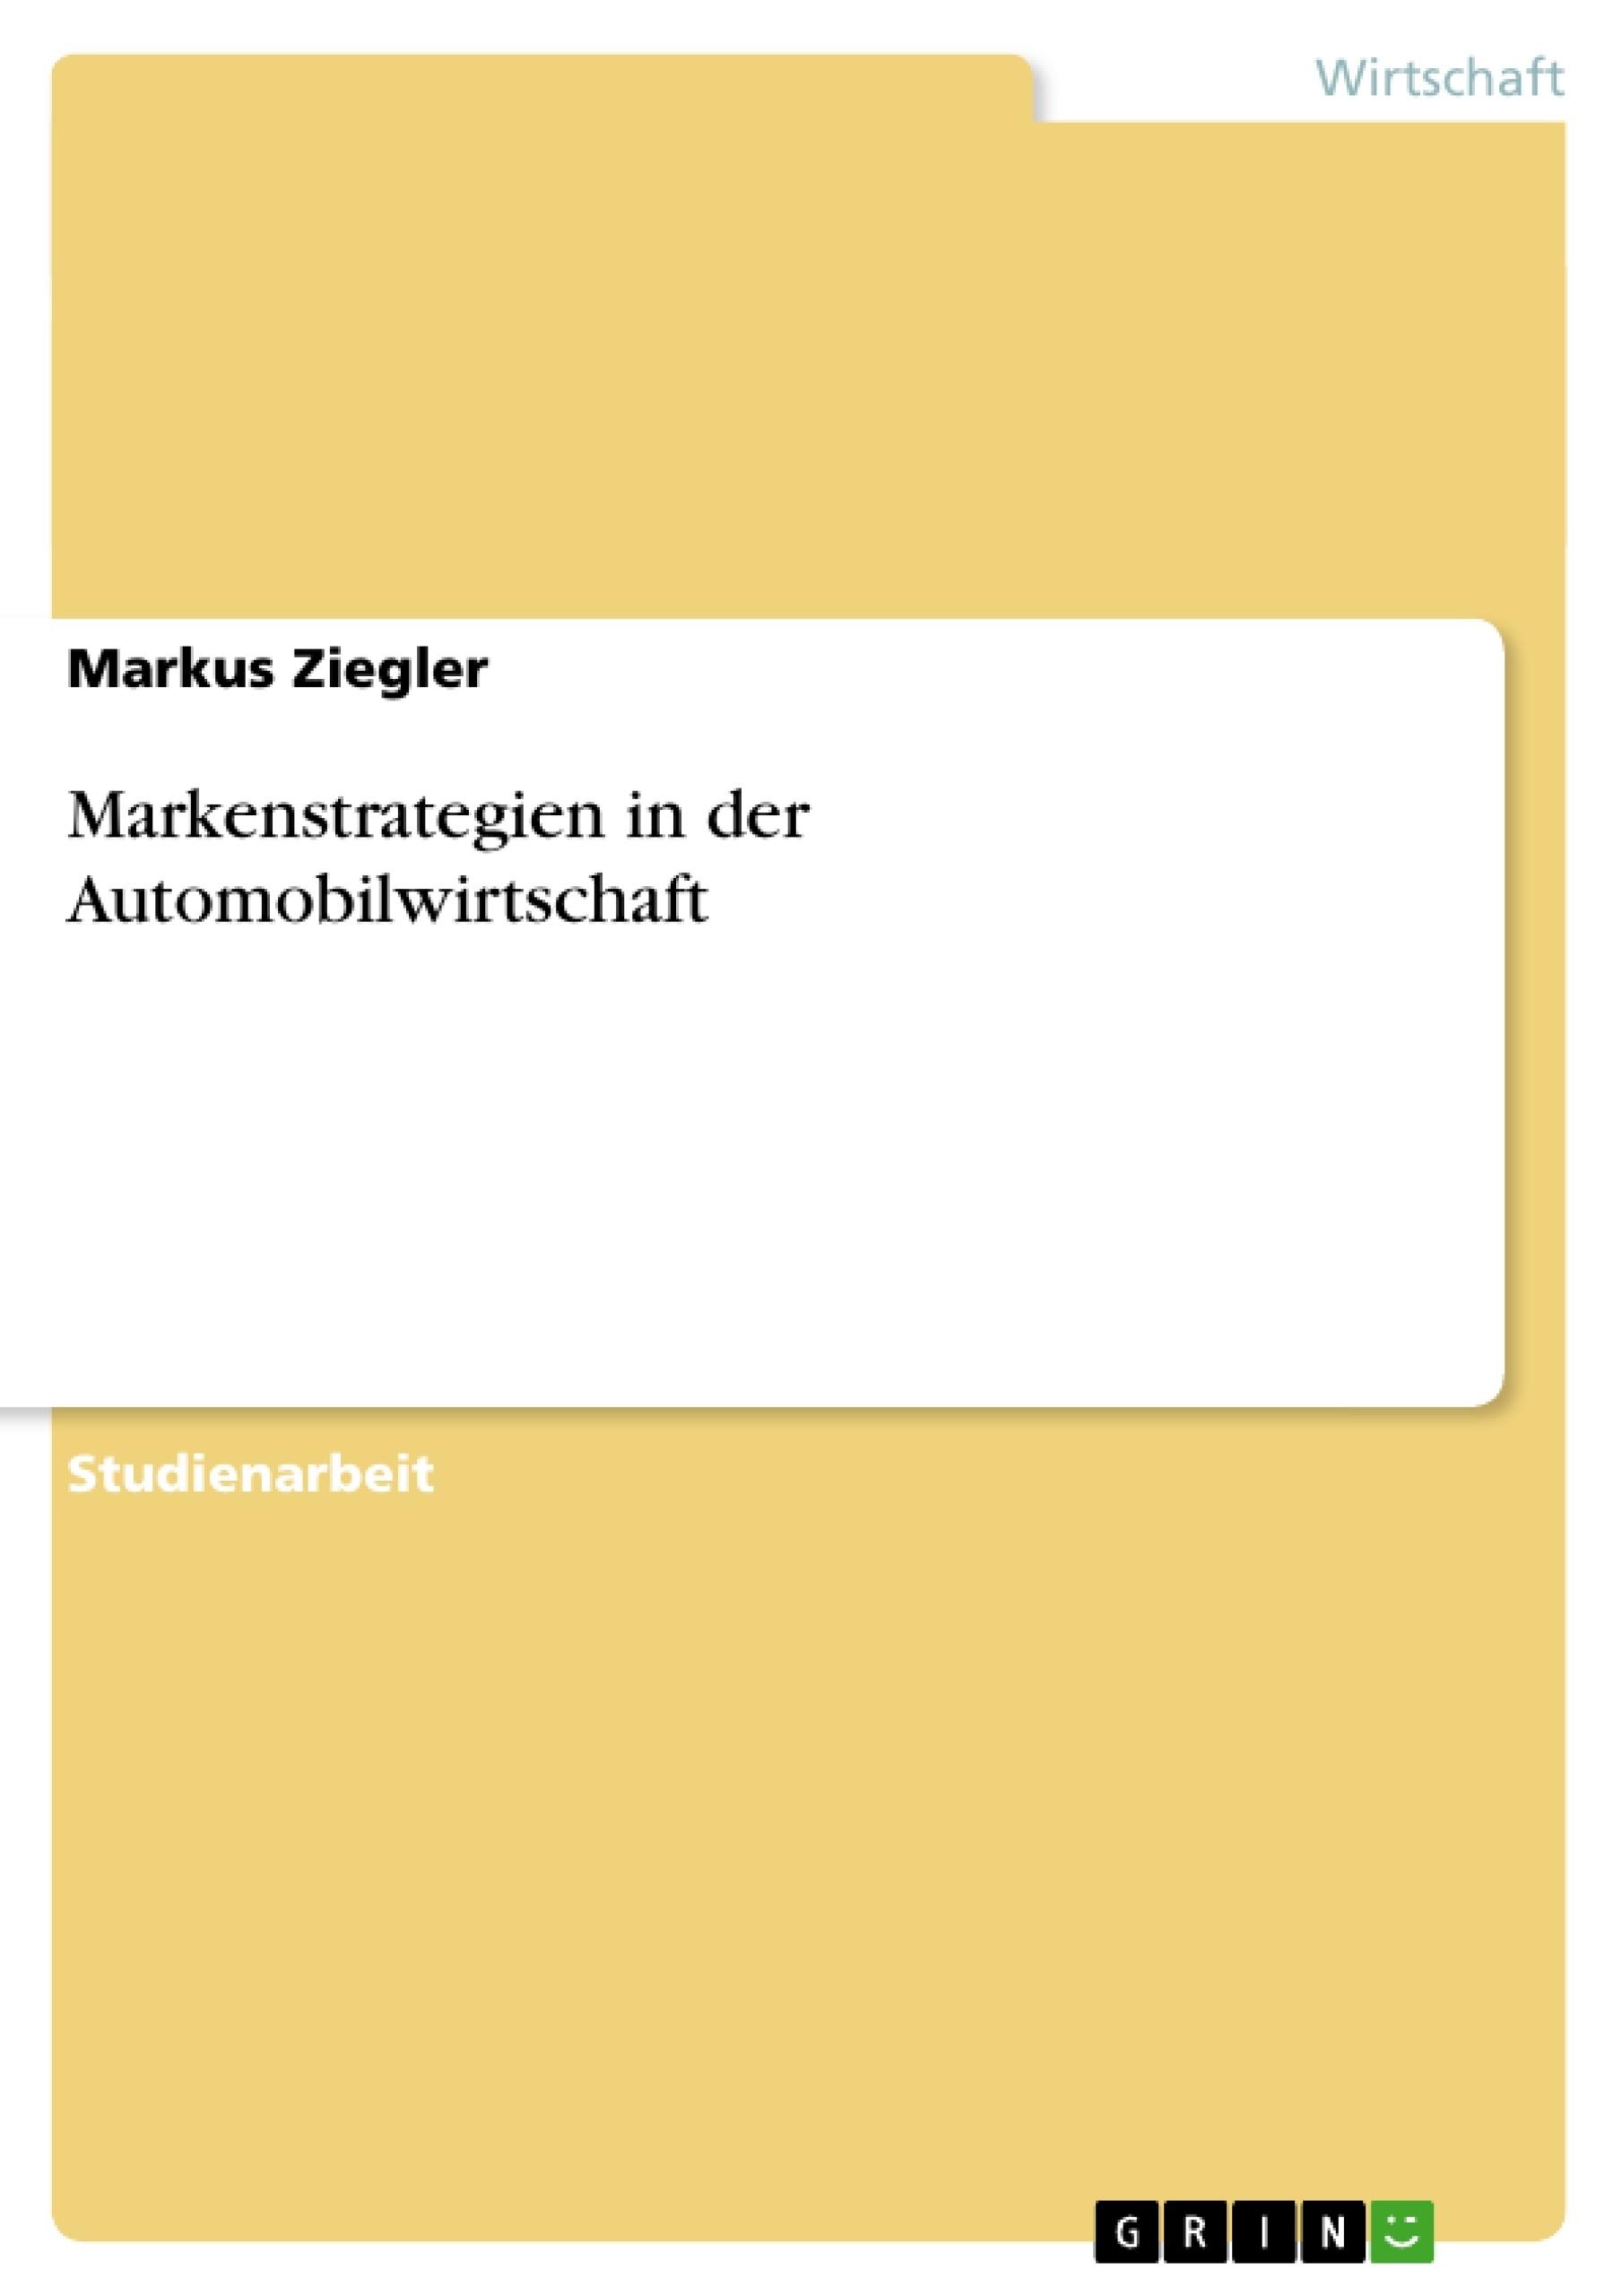 Titel: Markenstrategien in der Automobilwirtschaft